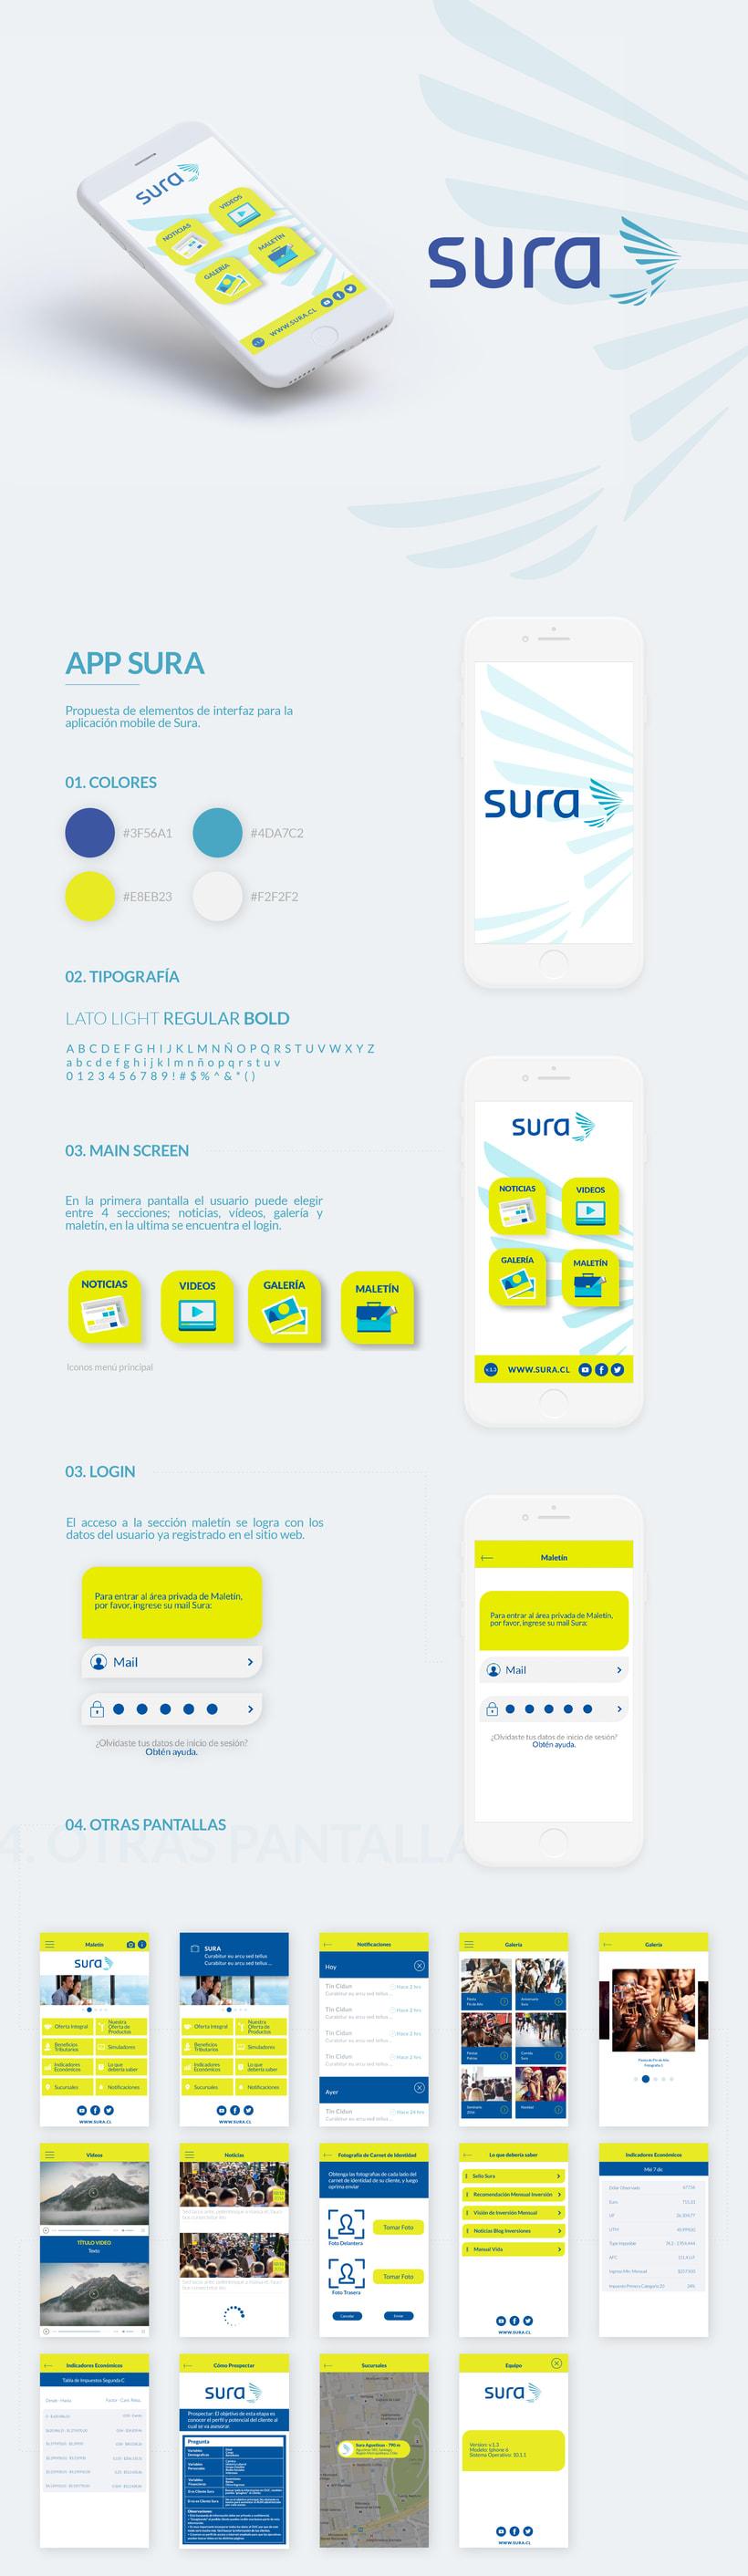 UX/UI Design App Sura -1